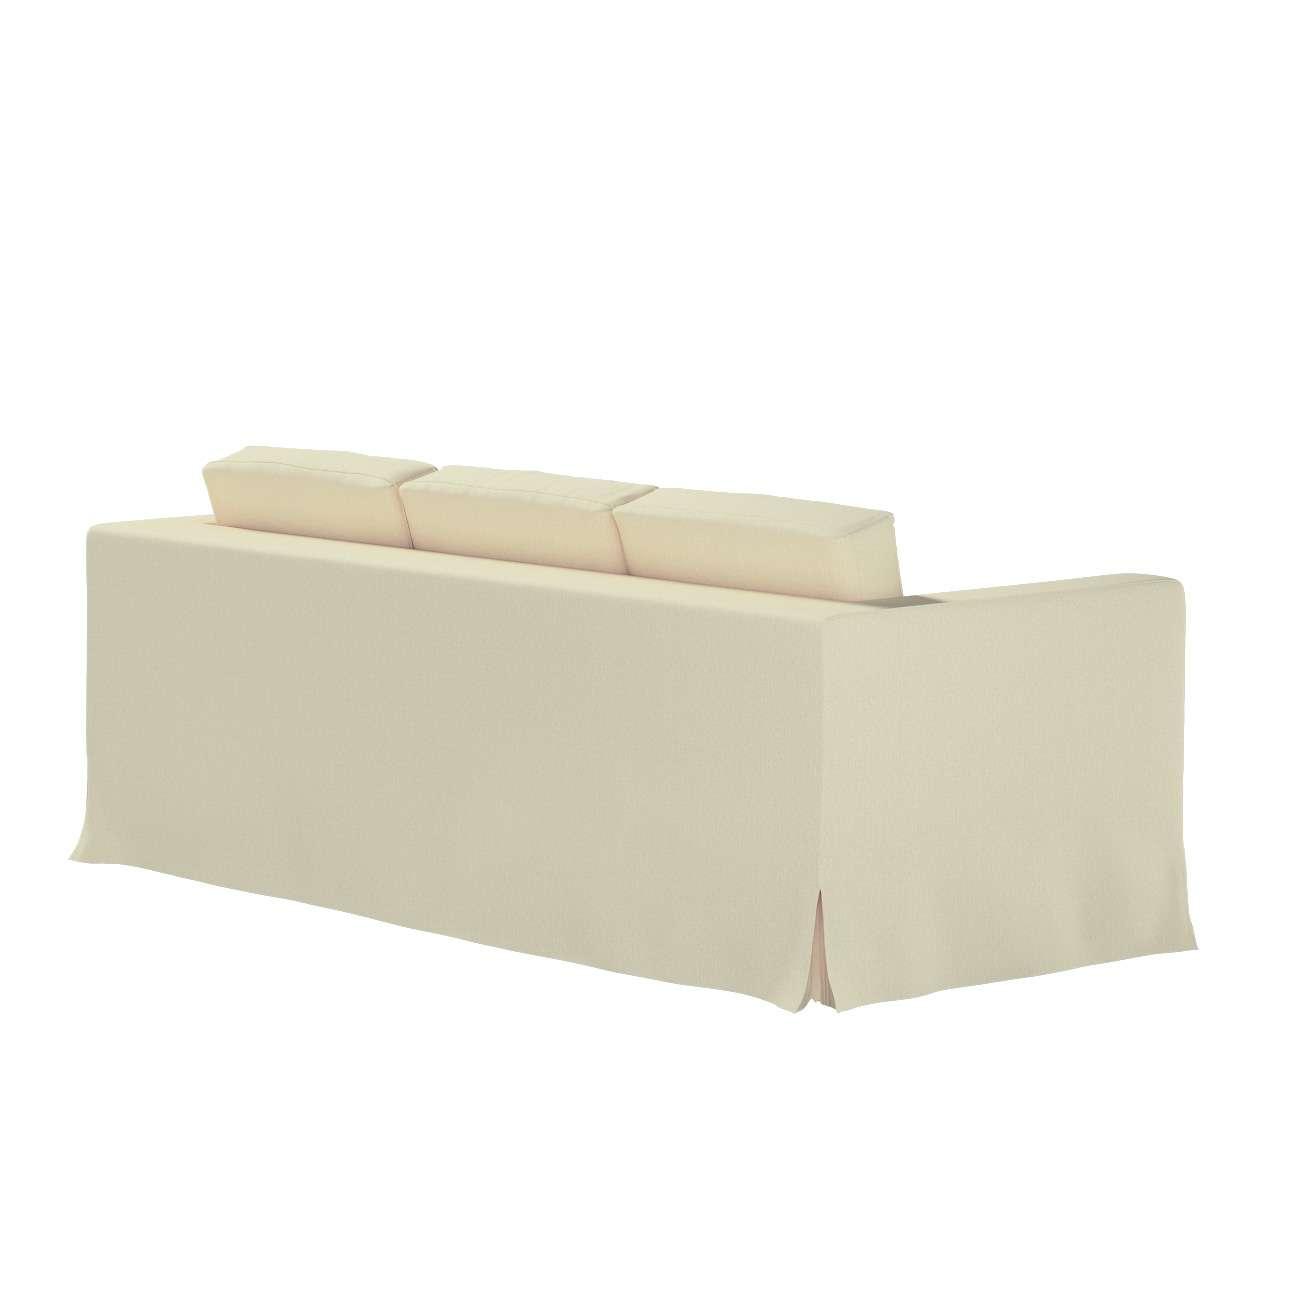 Potah na pohovku IKEA  Karlanda 3-místná nerozkládací, dlouhý v kolekci Chenille, látka: 702-22